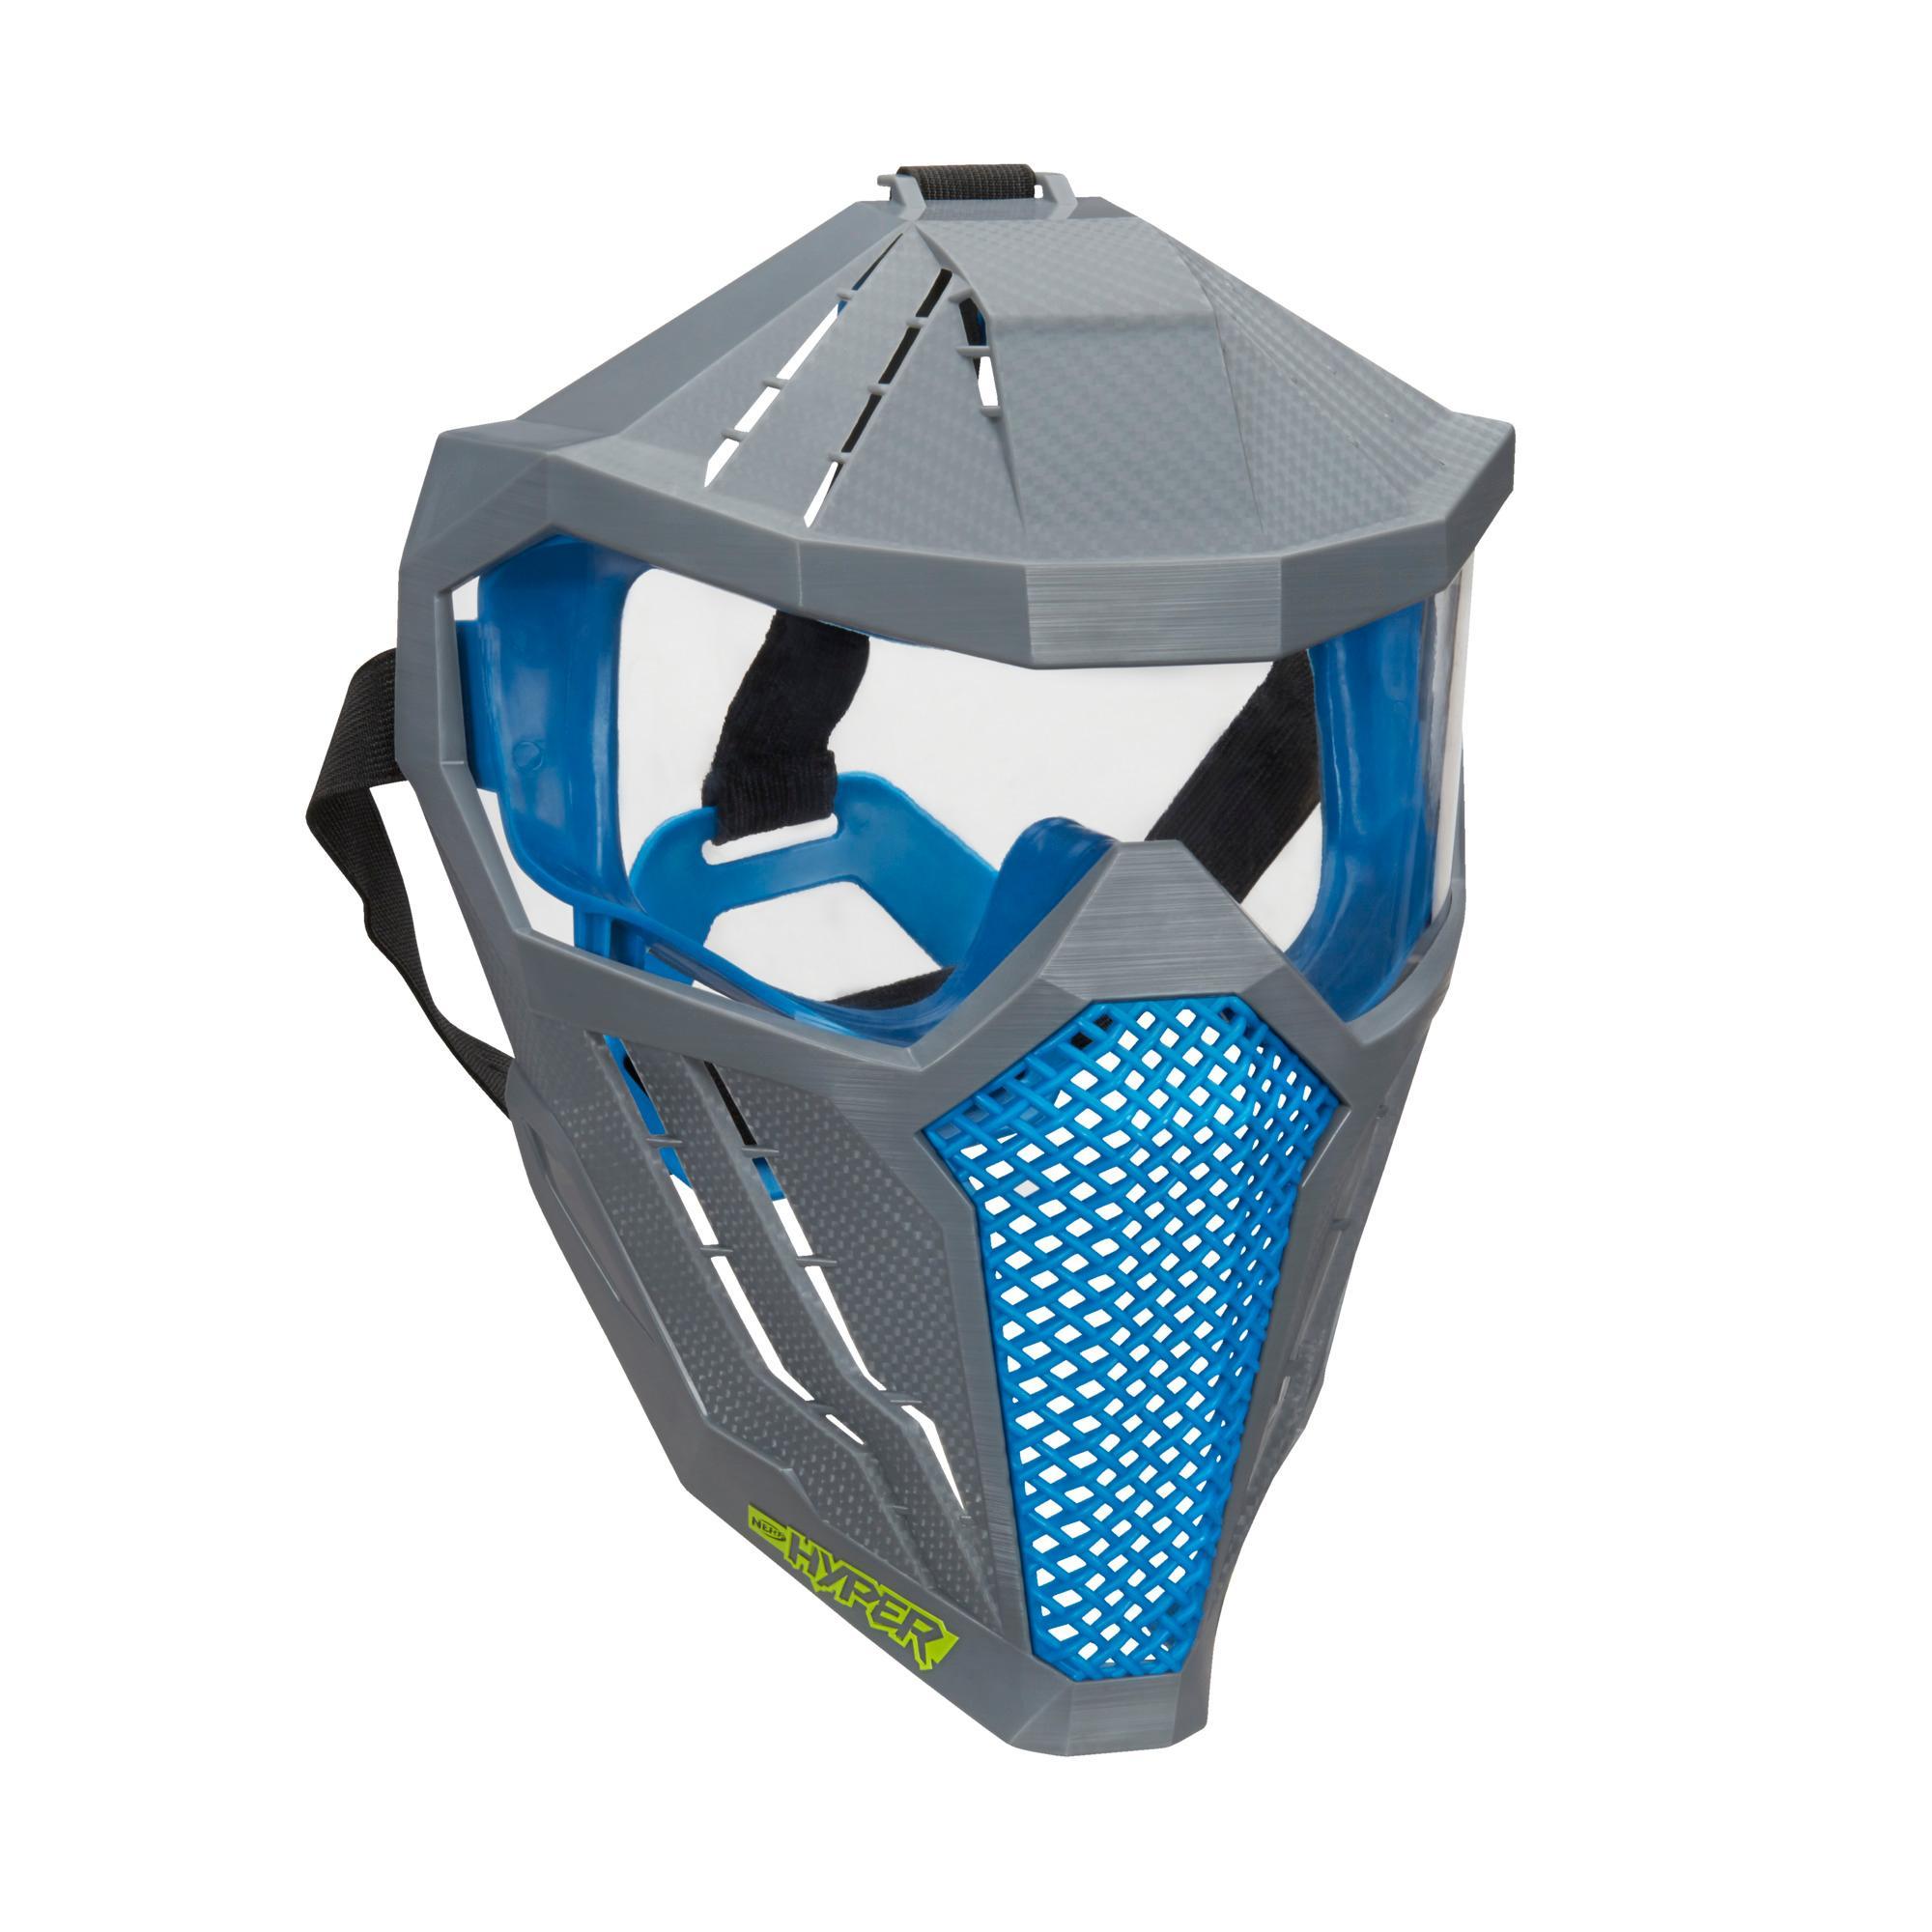 Nerf Hyper, masque ventilé avec sangle ajustable, équipe bleue, équipement pour compétitions Nerf Hyper, ados et adultes